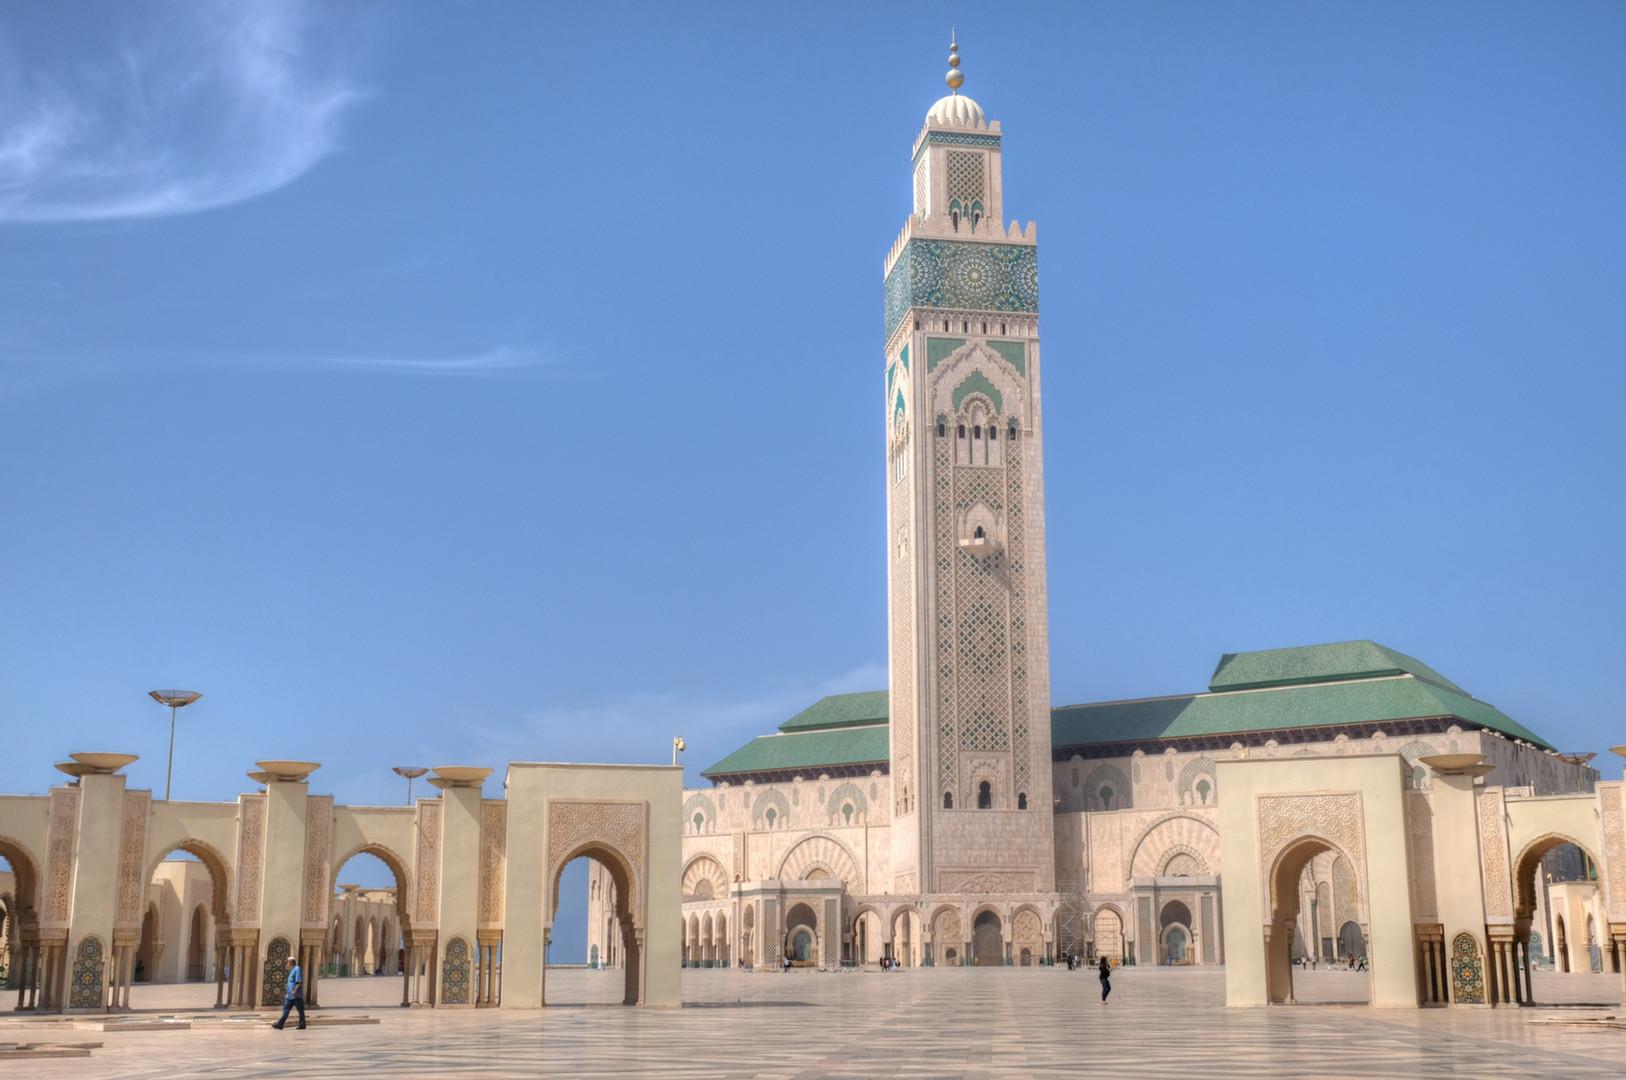 Une architecture impressionnante